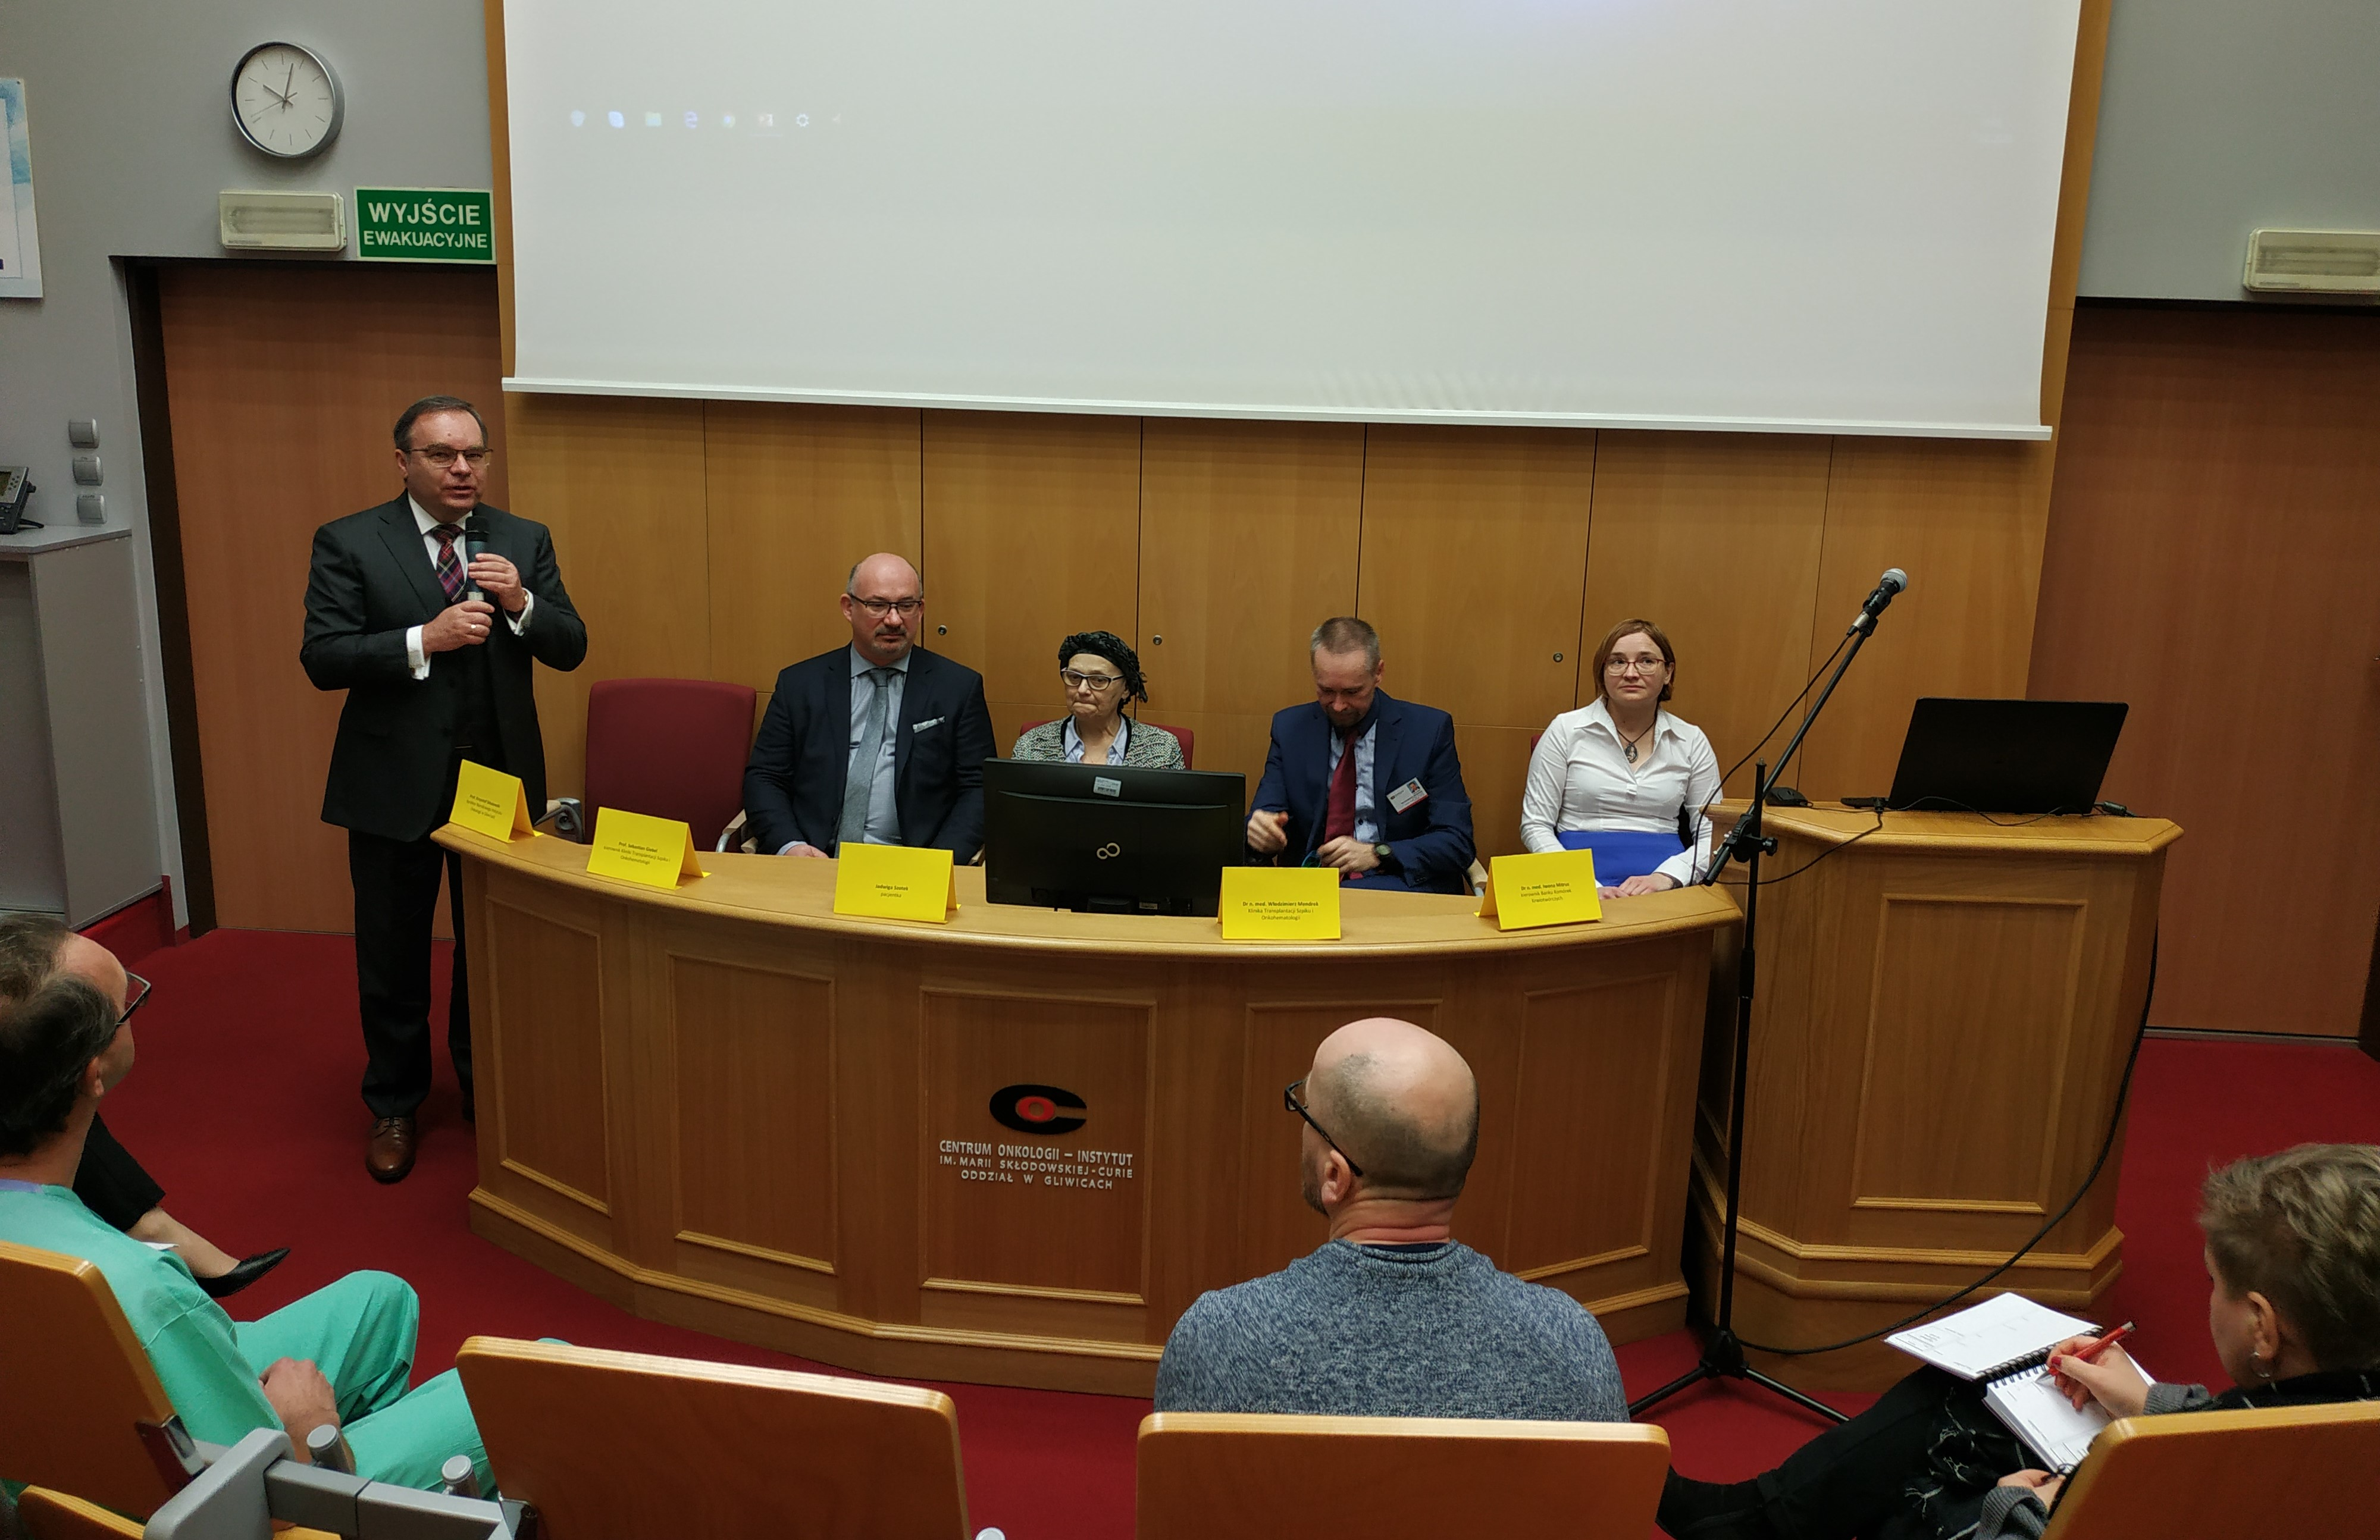 sukces gliwickich onkohematologów, konferencj prasowa